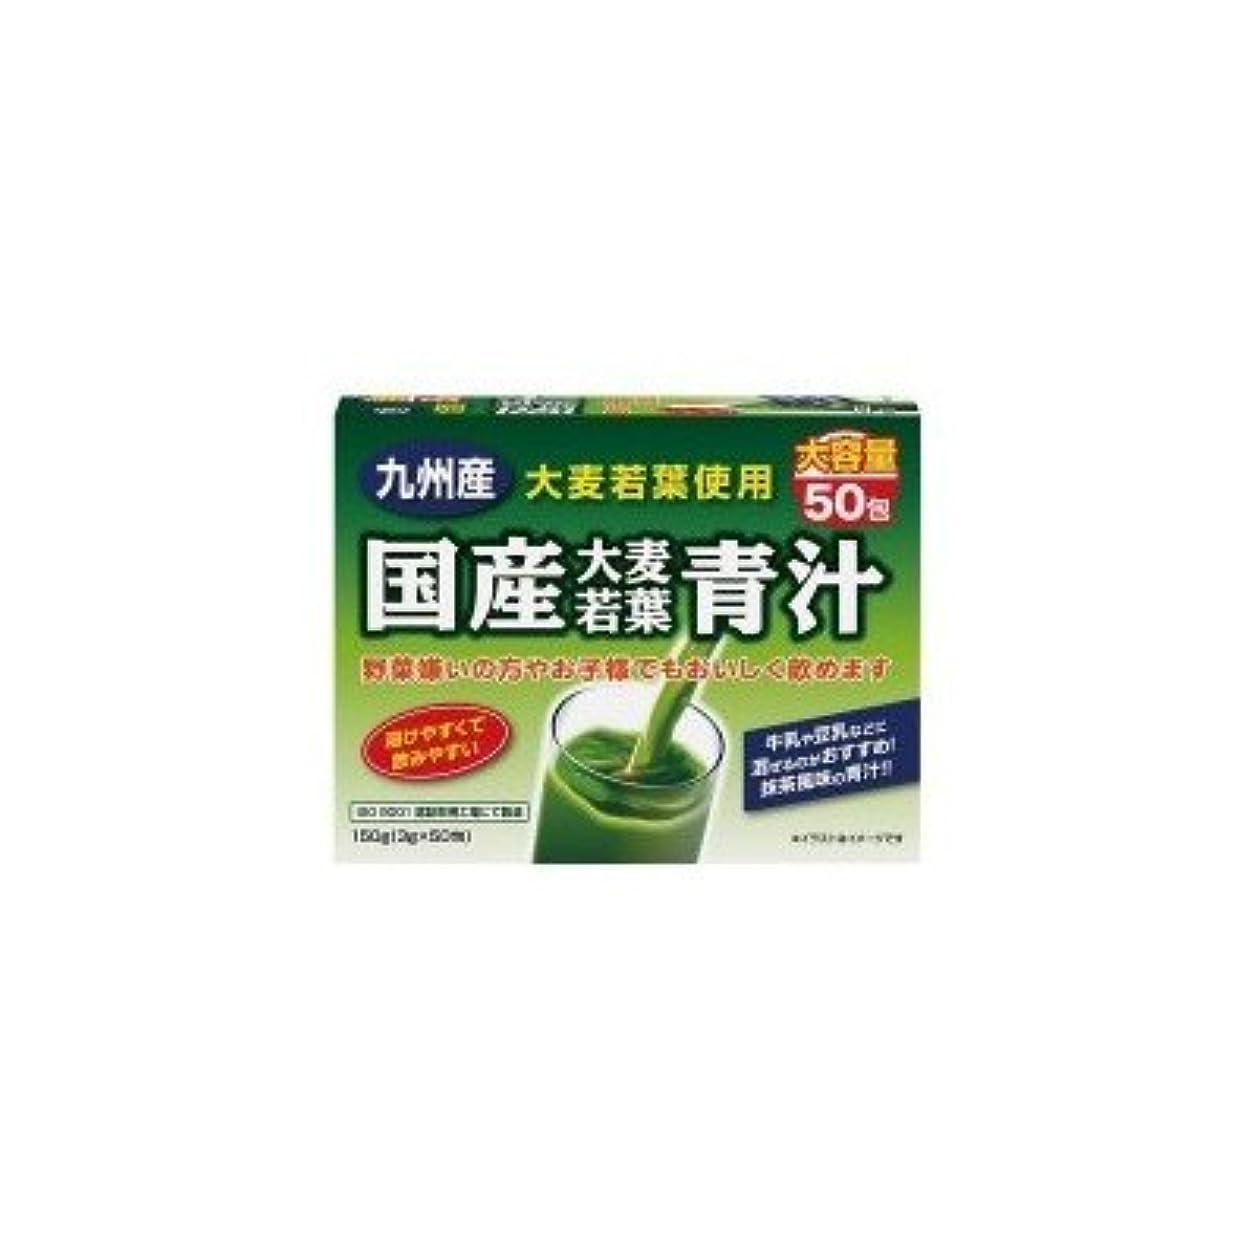 見出し元気類人猿ユーワ 九州産大麦若葉使用 国産大麦若葉青汁 150g(3g×50包) 3888